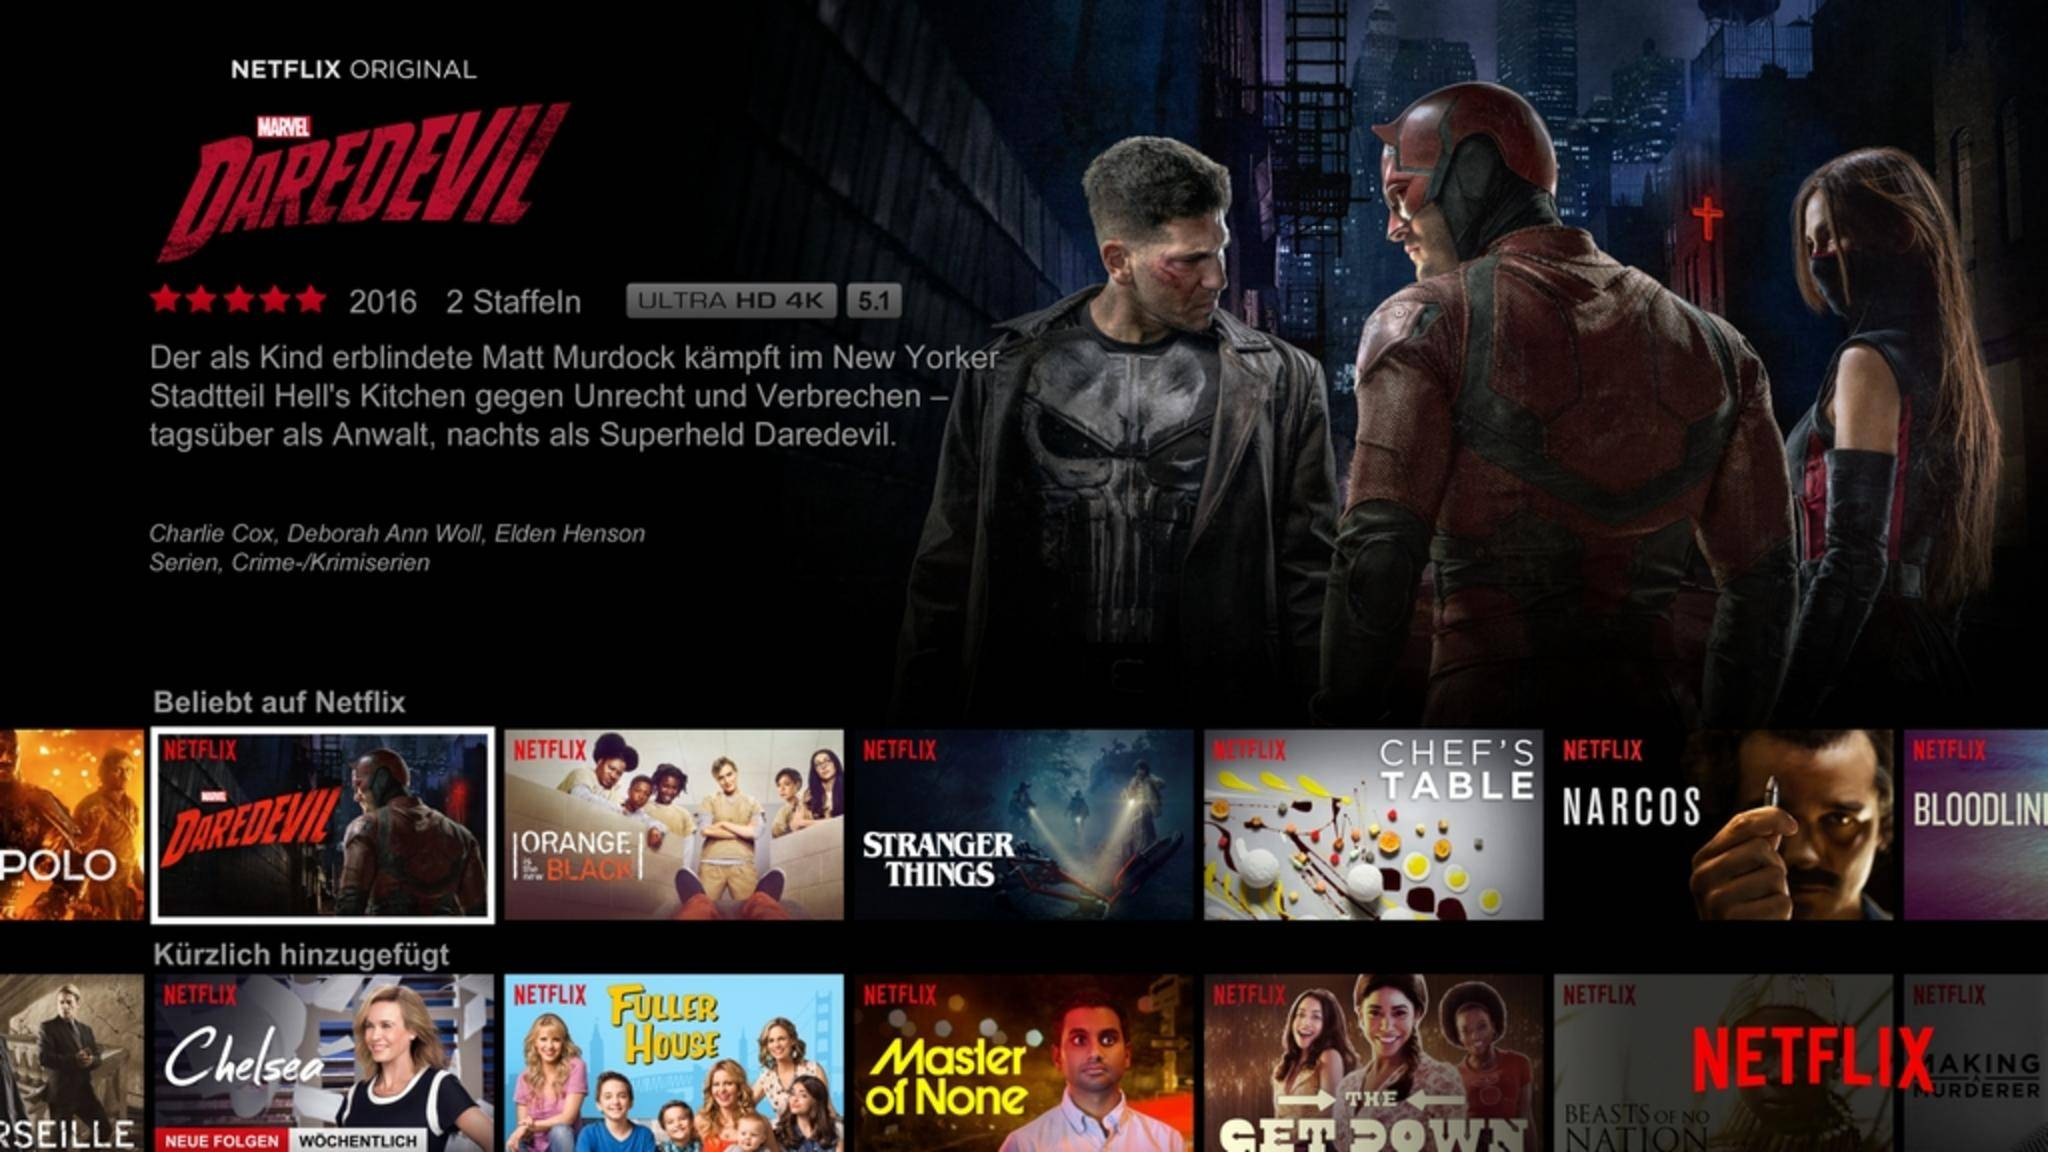 Netflix ist auf der Xbox One S die erste Streaming-App mit 4K-Unterstützung.